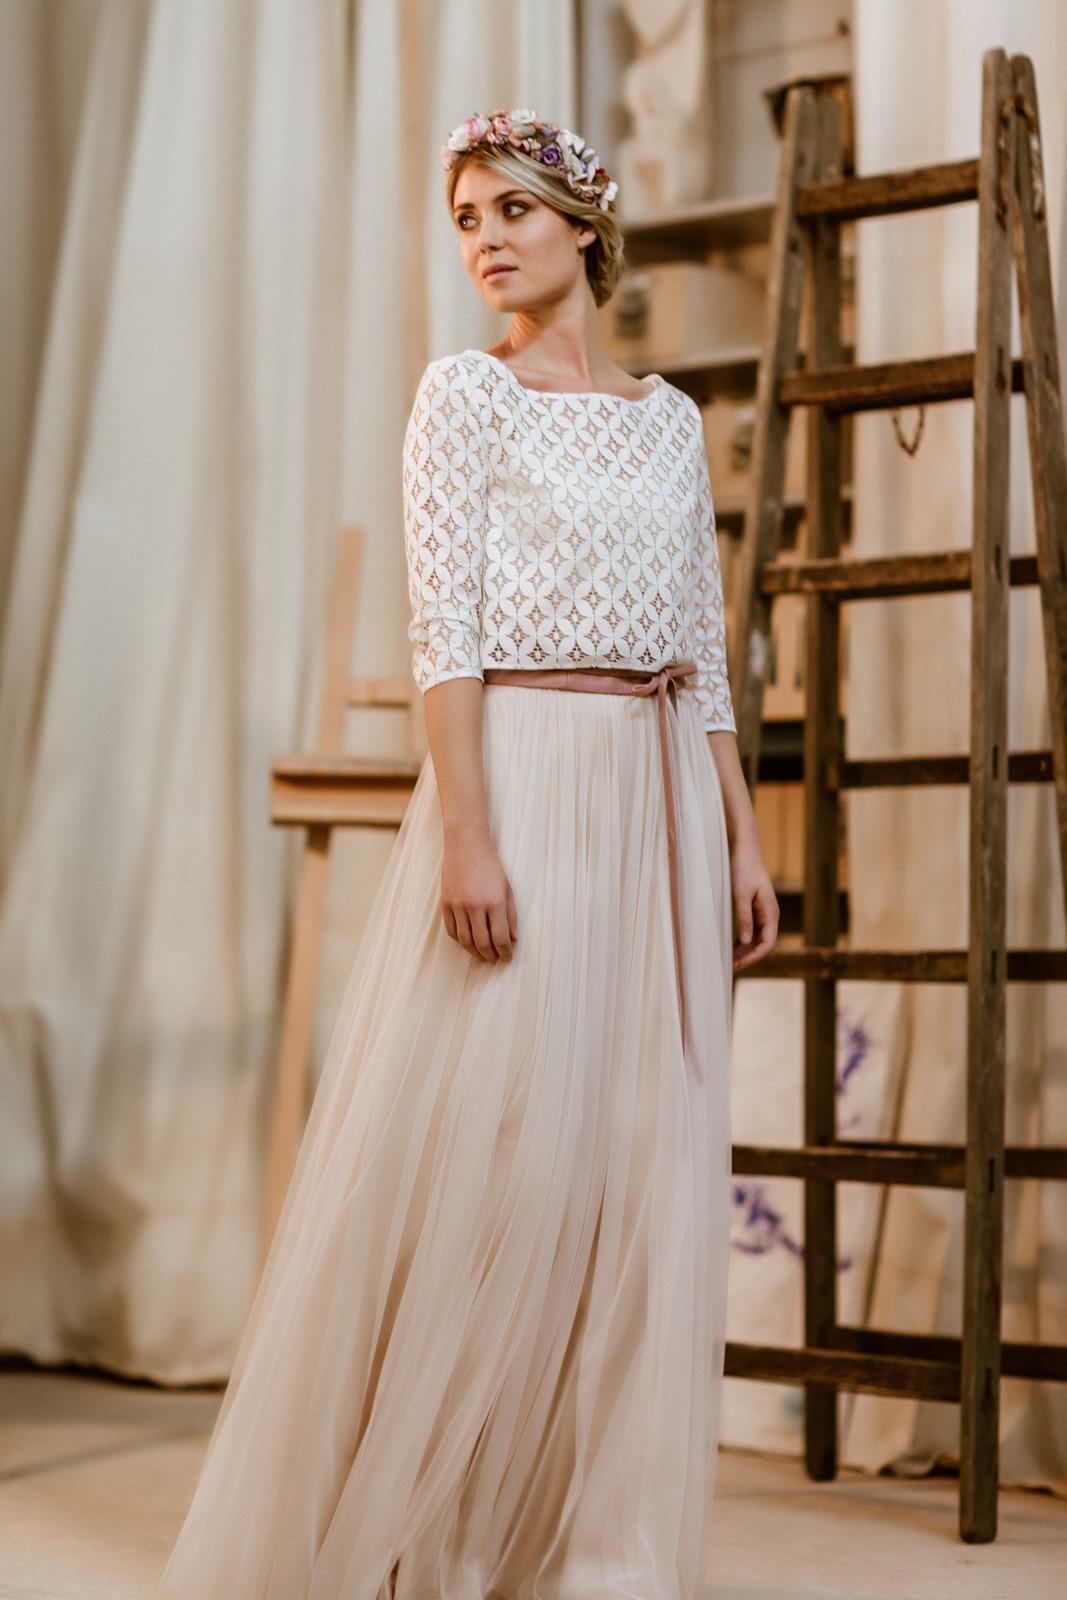 langes Brautkleid mit Tüllrock in Puderrosa und Spitzentop, Ganzkörper-/Vorderansicht